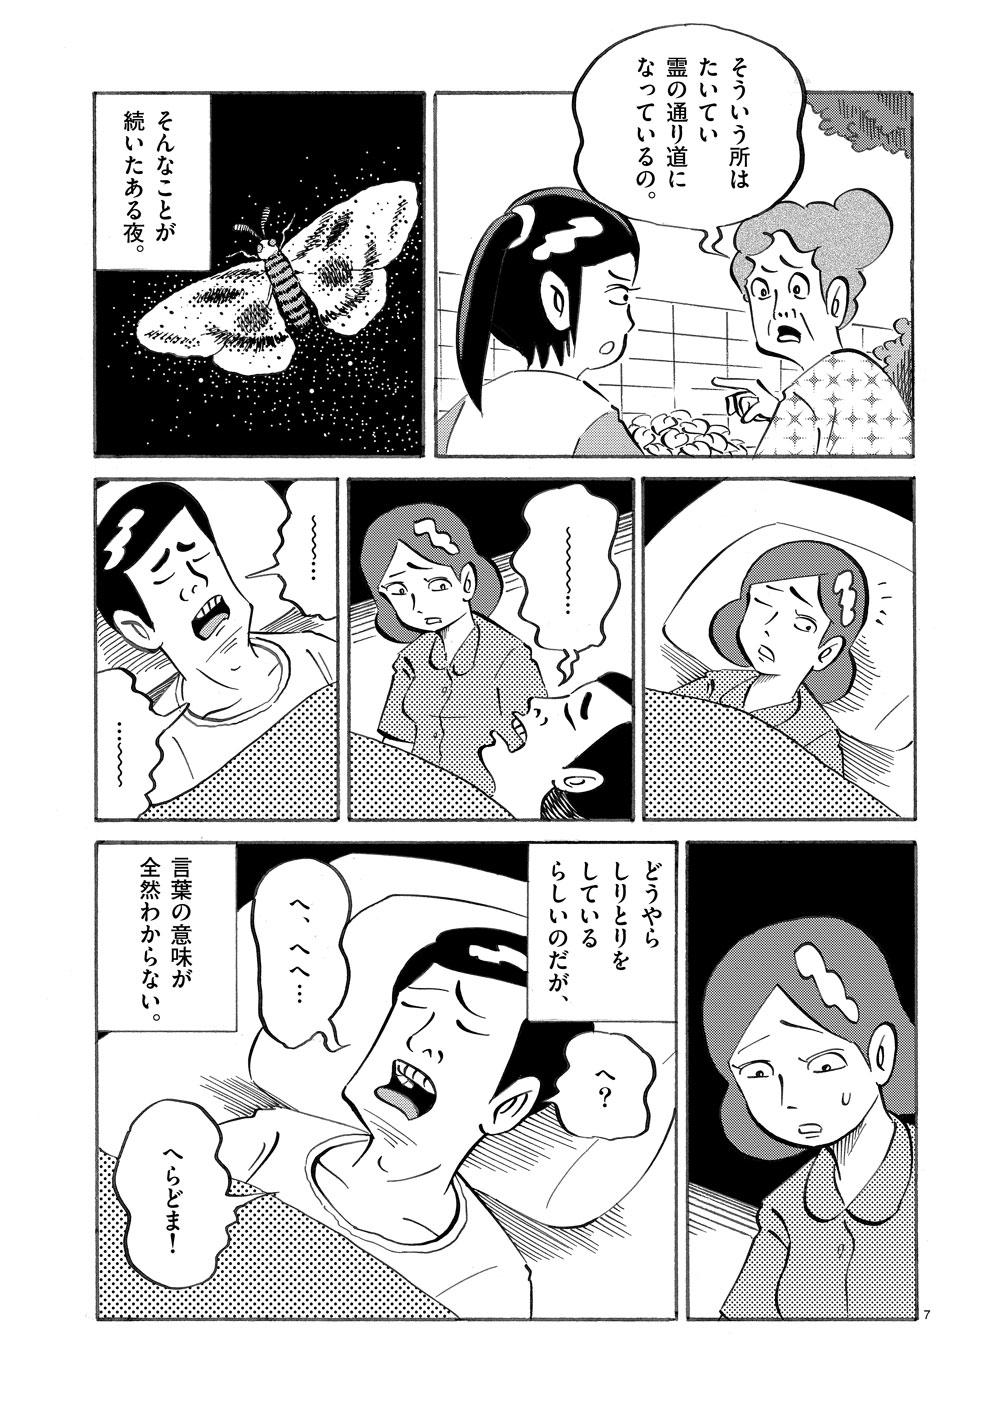 琉球怪談 【第10話】WEB掲載7ページ目画像